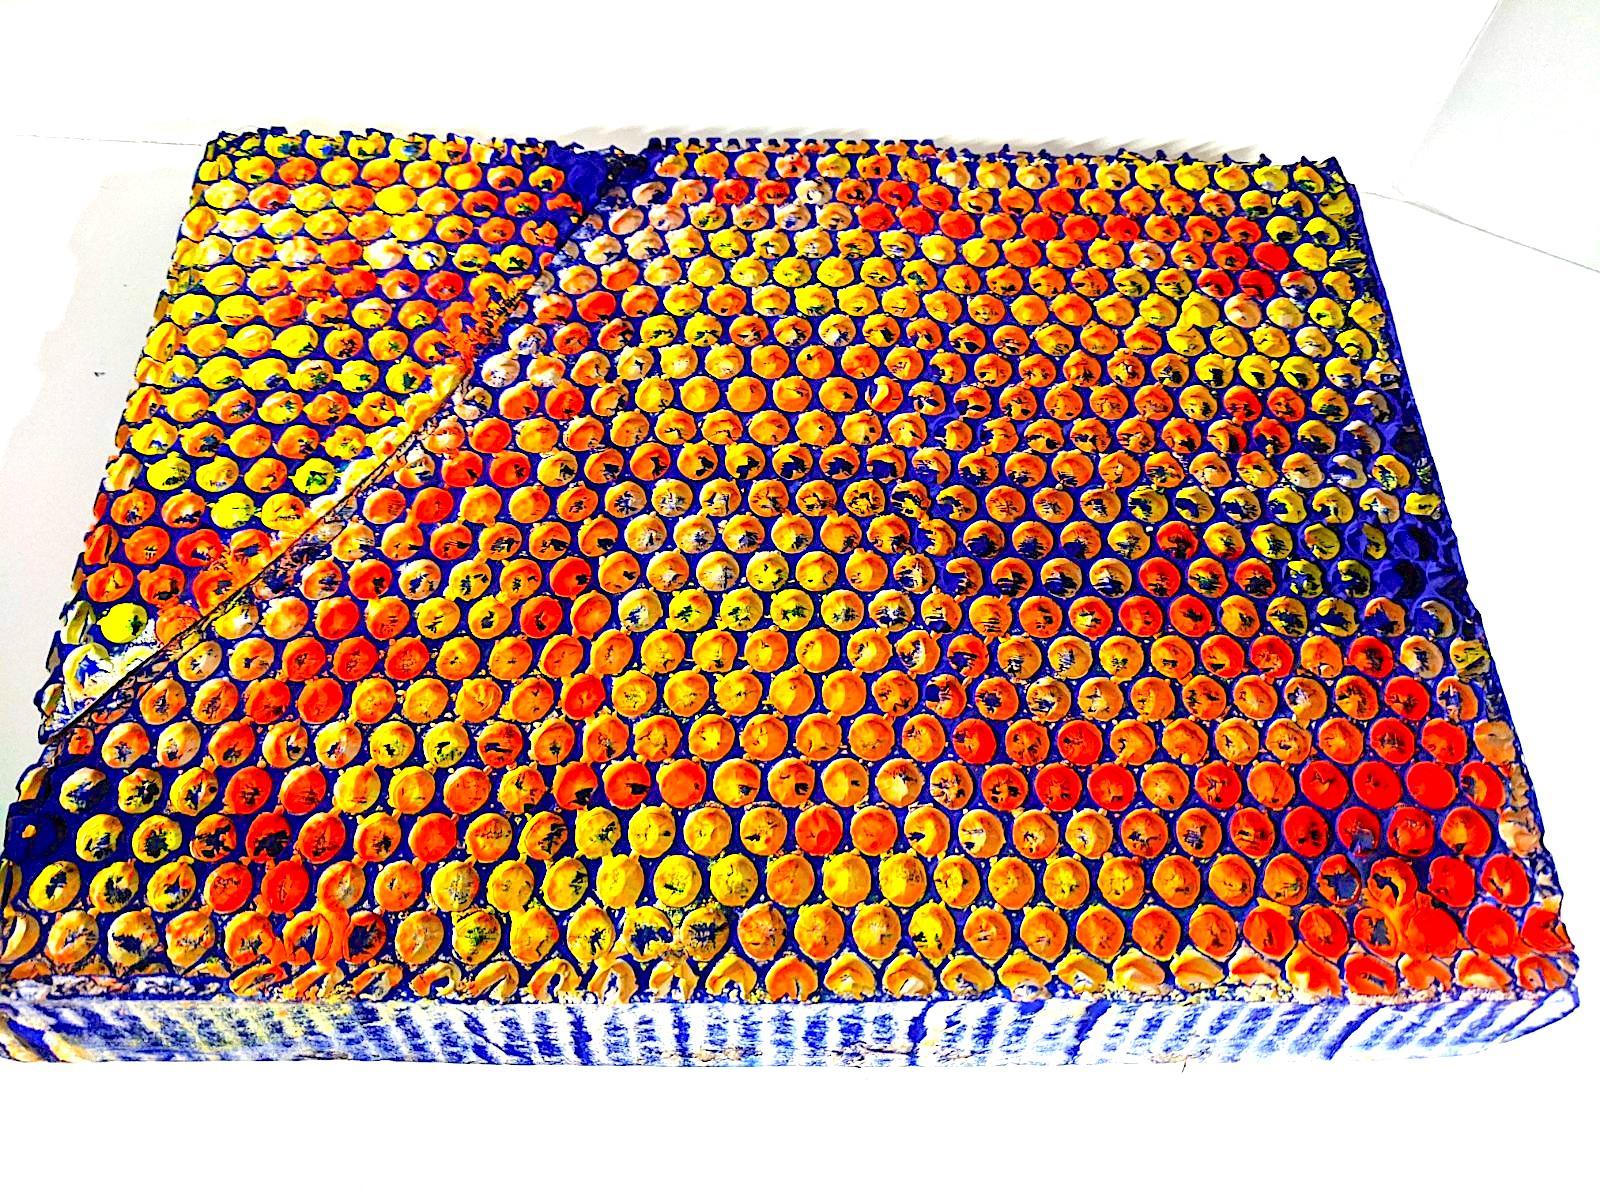 Ellen Hackl Fagan_Technicolor Bubble Wrap _2020_acrylic, ink, plaster